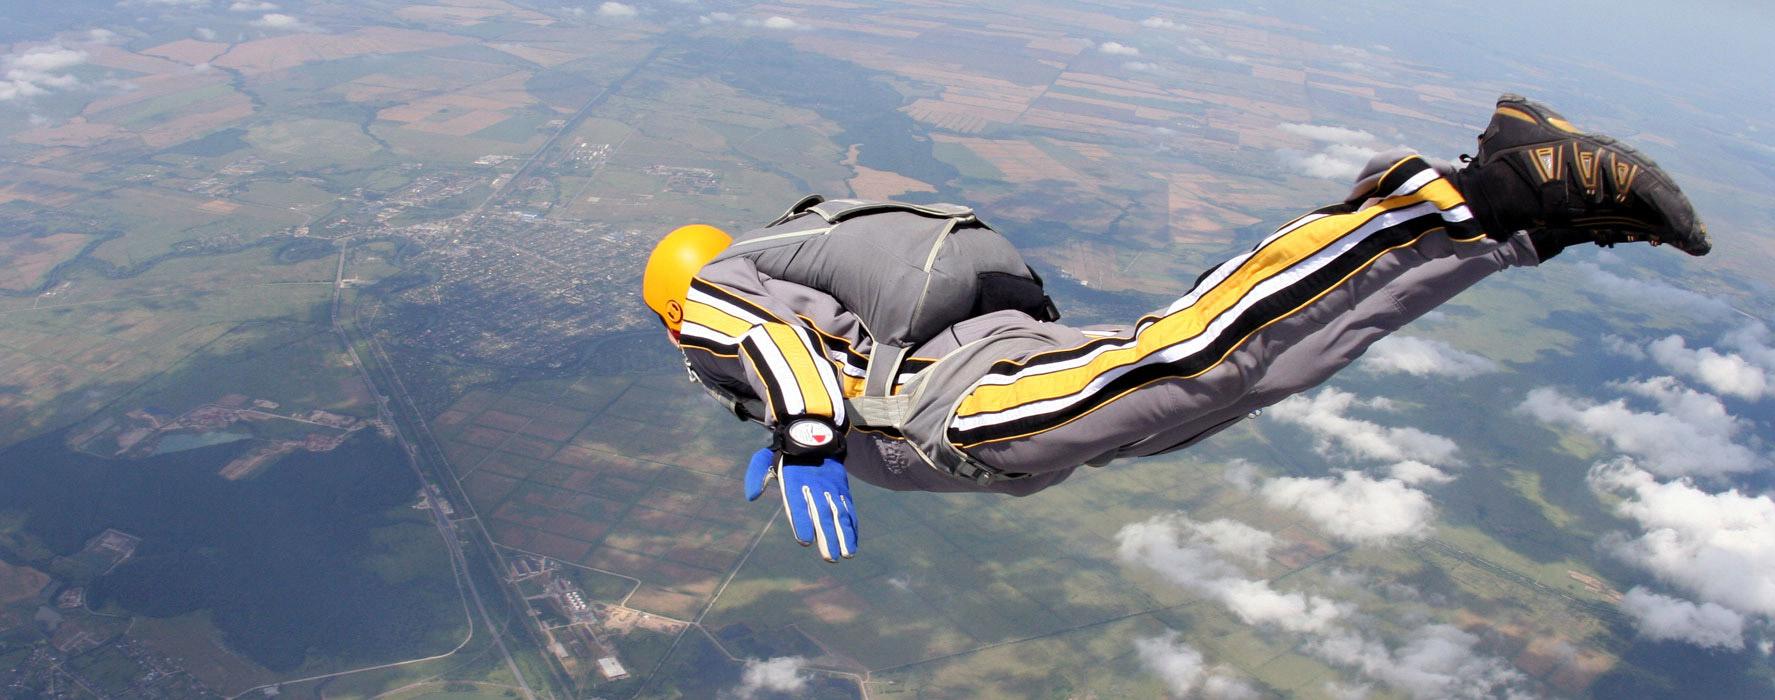 skydive-slice